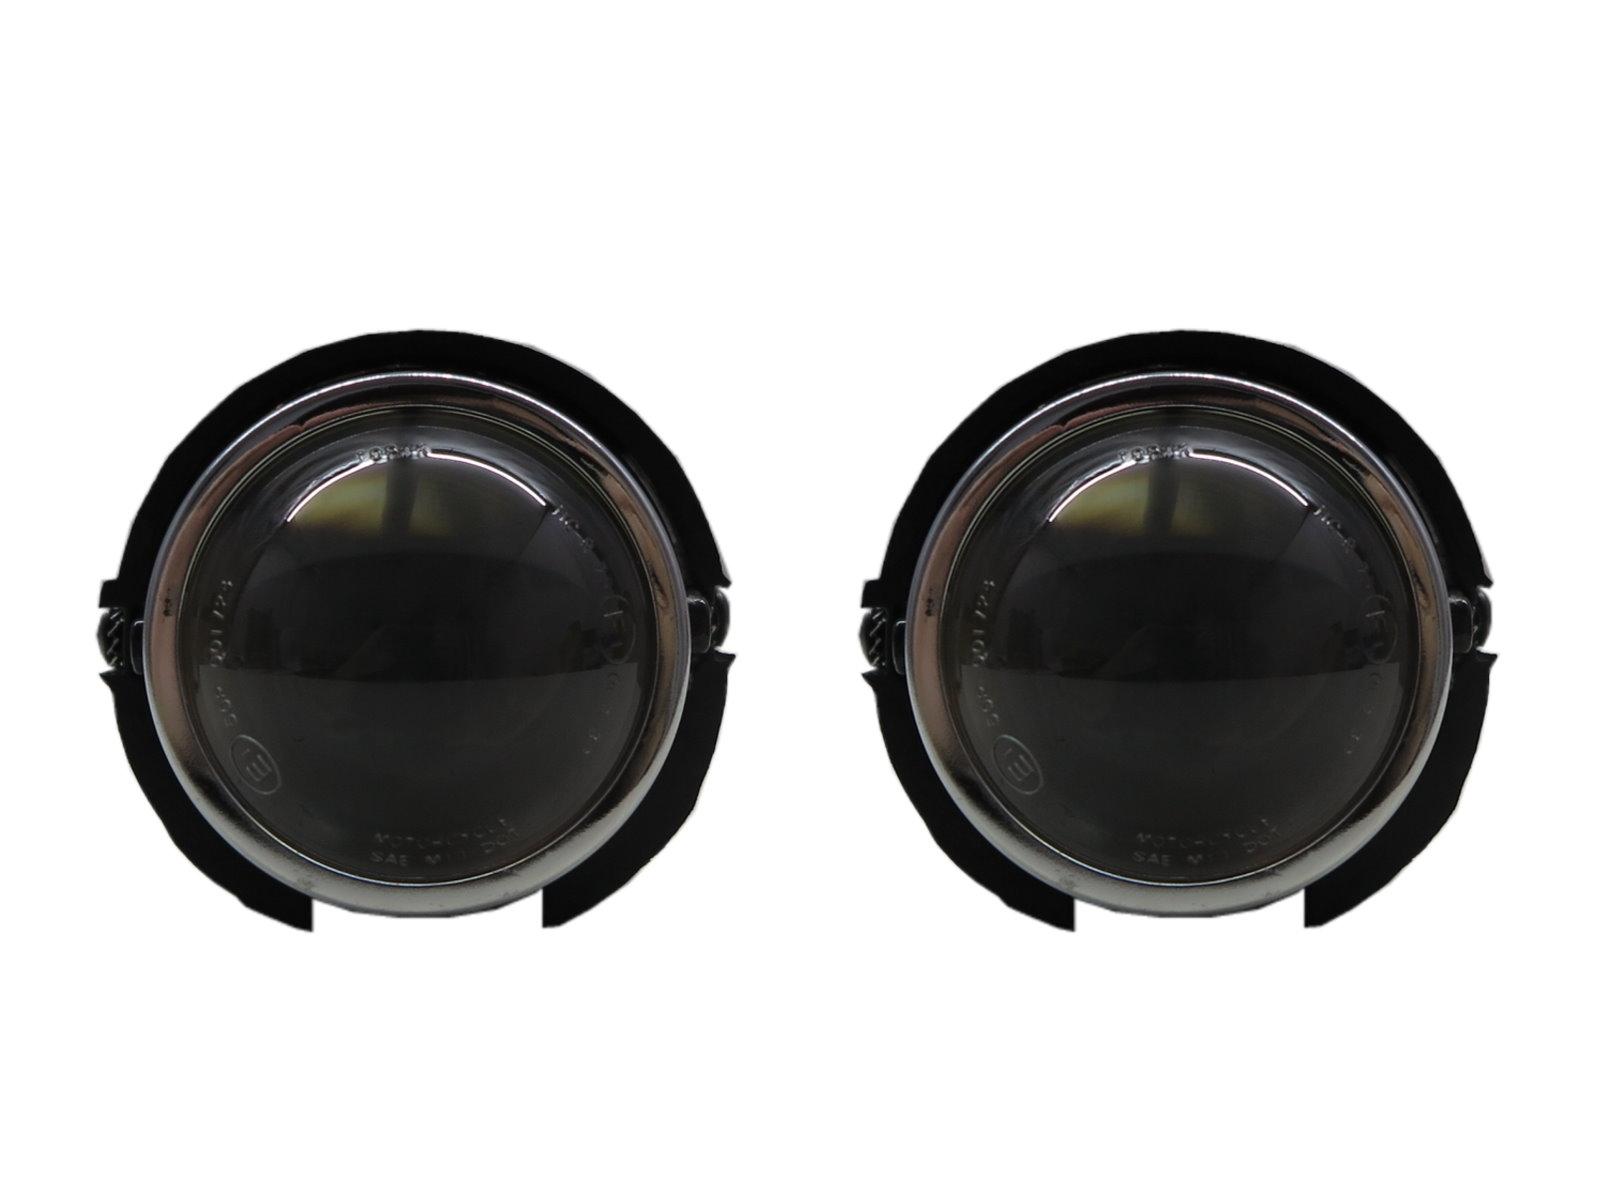 NAVARA D40 Second generation 06-09 SUV 5D Projector Fog Light Black for NISSAN